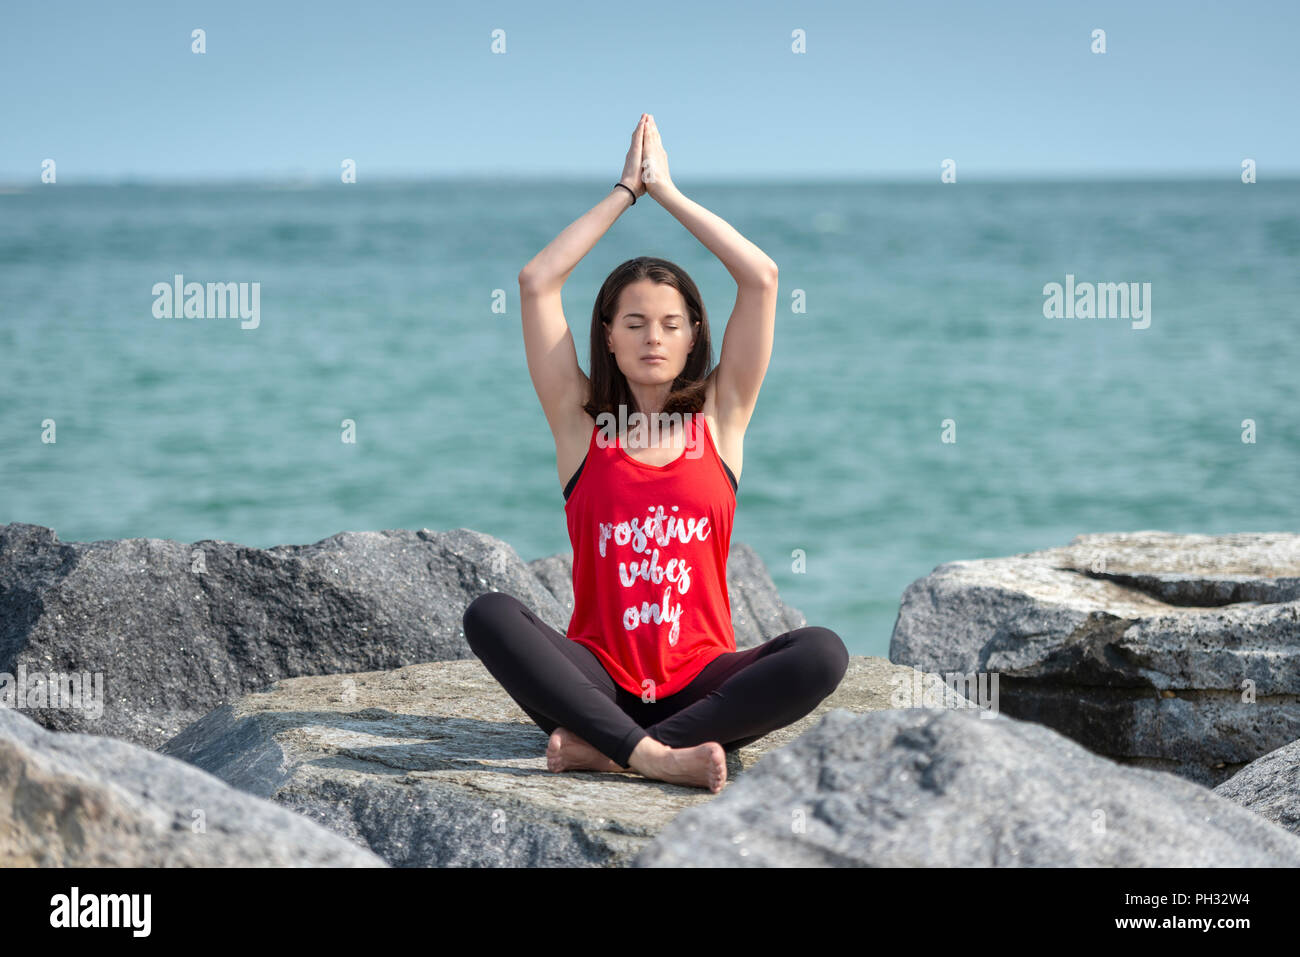 """Mujer sentada sobre las rocas de patas cruzadas practicando yoga, fácil plantear, vistiendo una camiseta con """"vibraciones positivas sólo' lema. Imagen De Stock"""